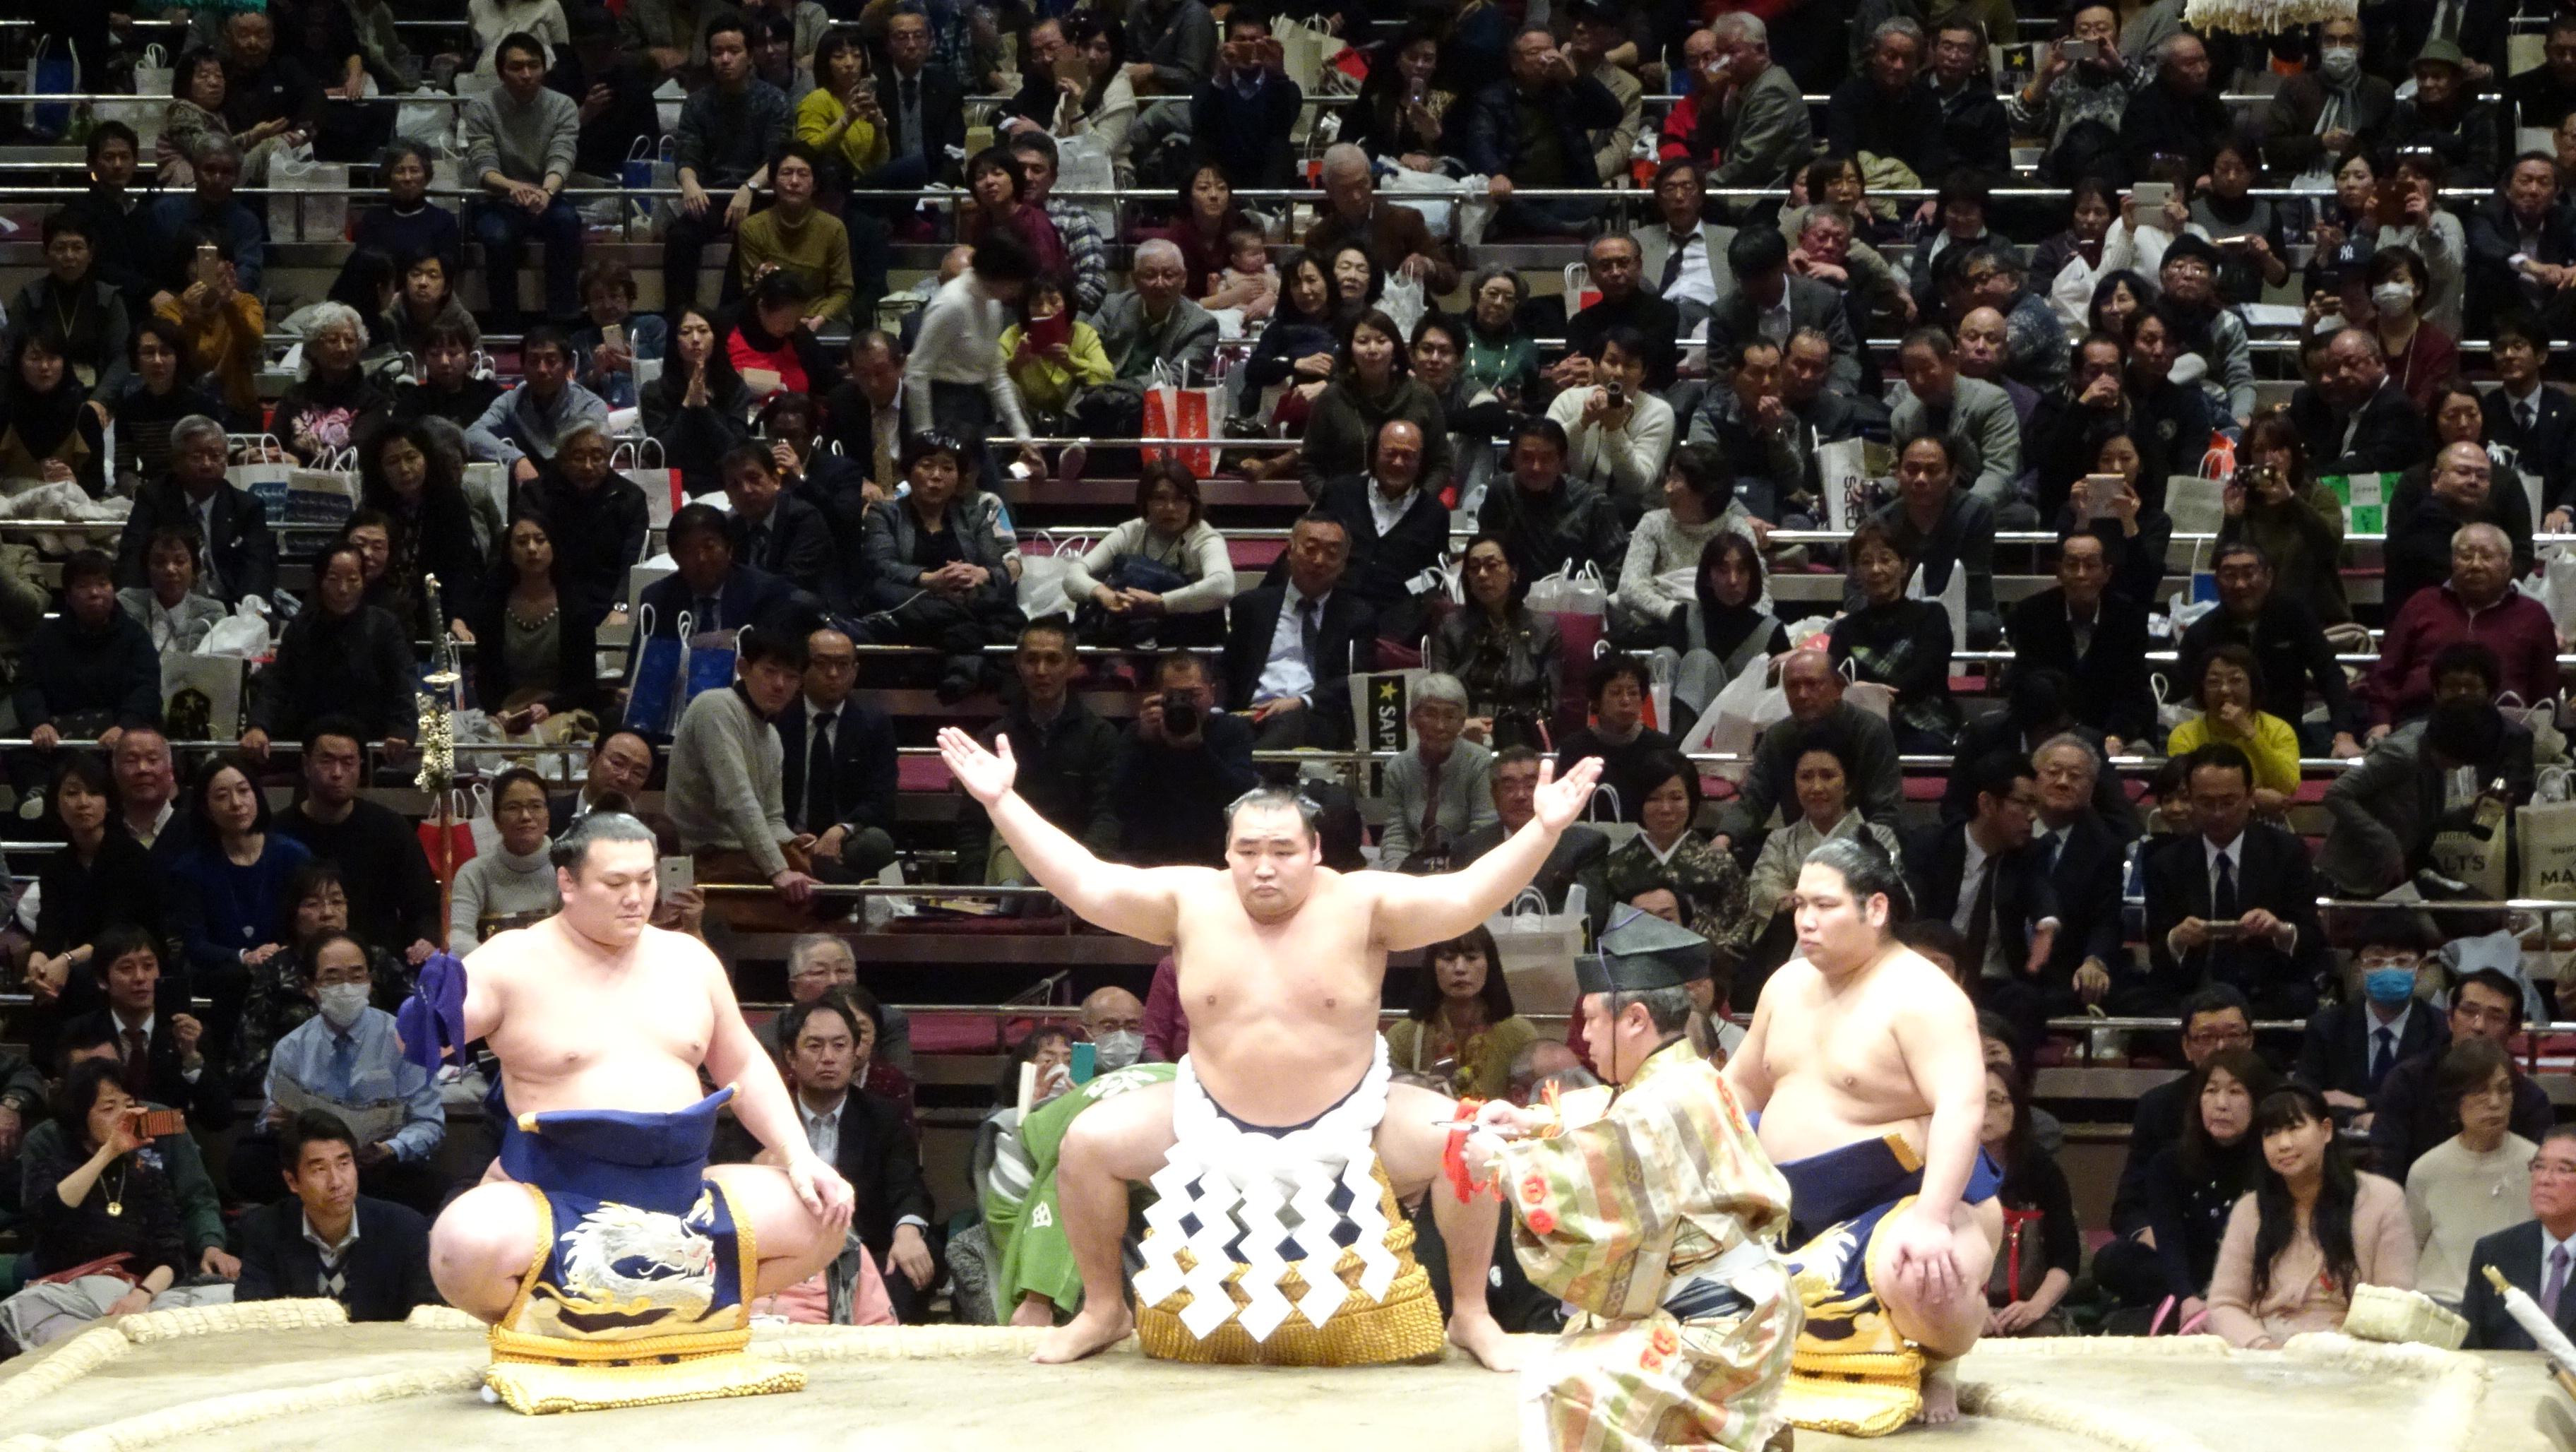 大相撲初場所 マス席観戦 両国国技館   YAS的なモノ